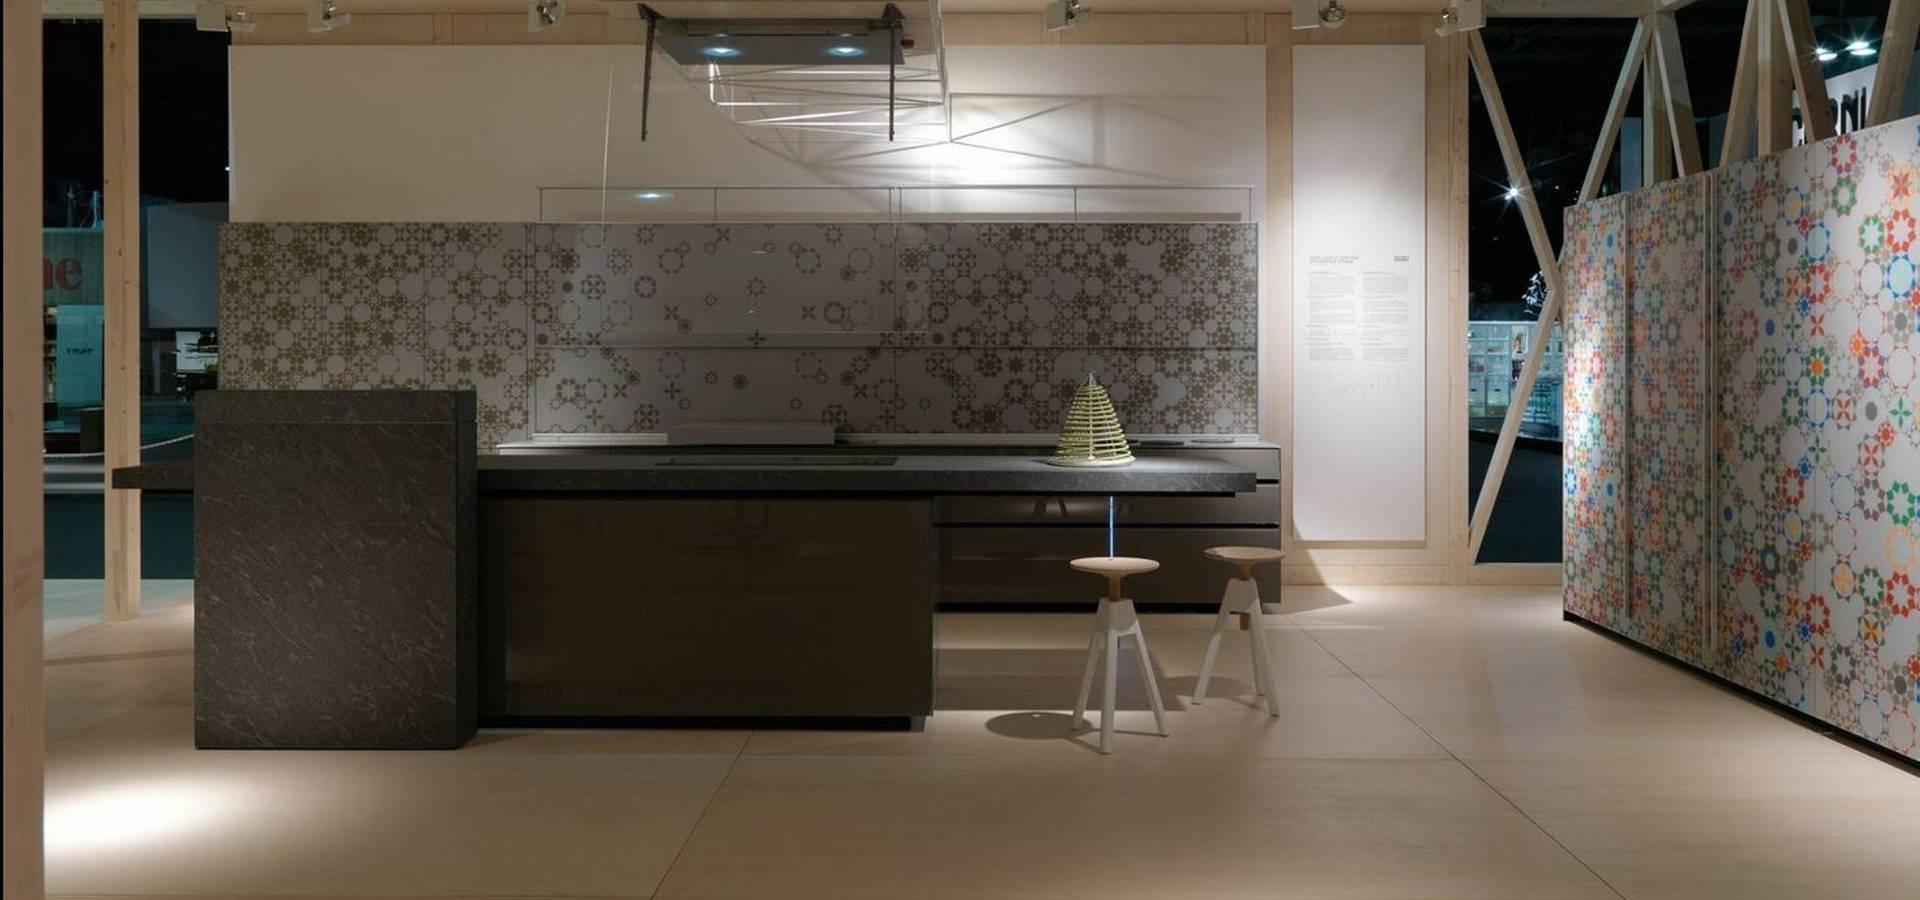 Valcucine: Küchenplaner in London | homify